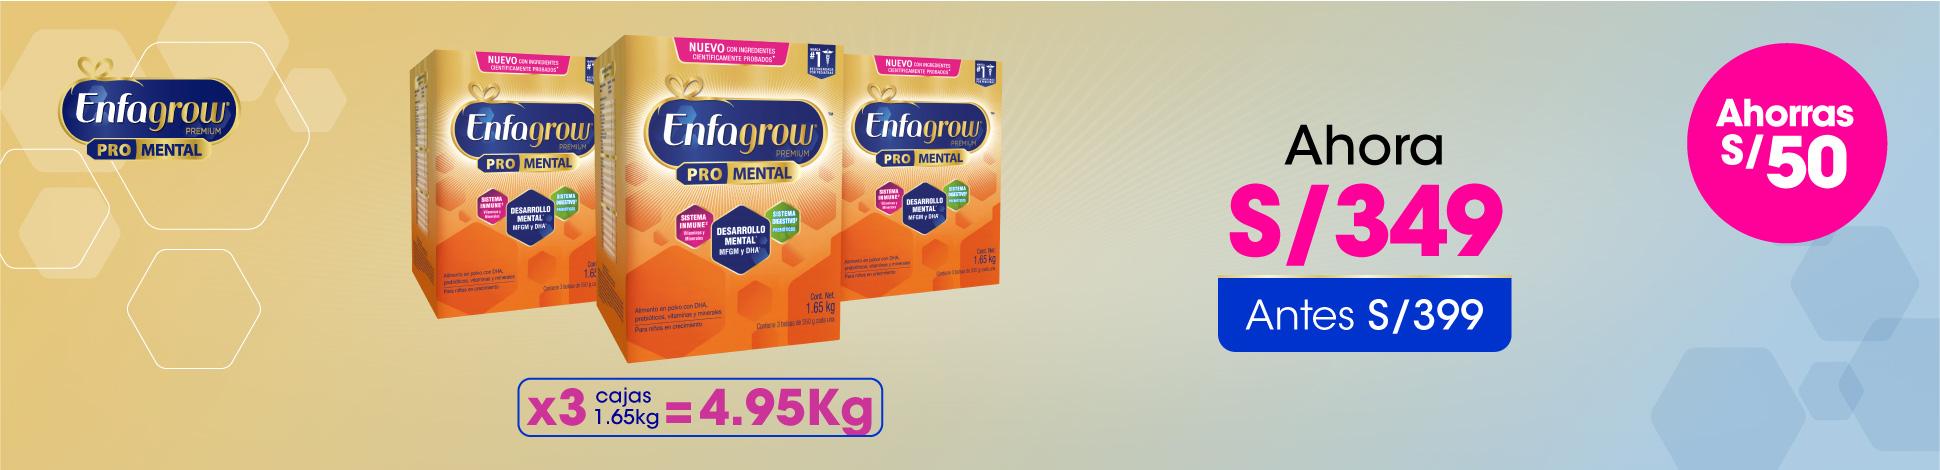 Enfagrow-x3-natural-165kg-banner.jpg | Juntoz.com